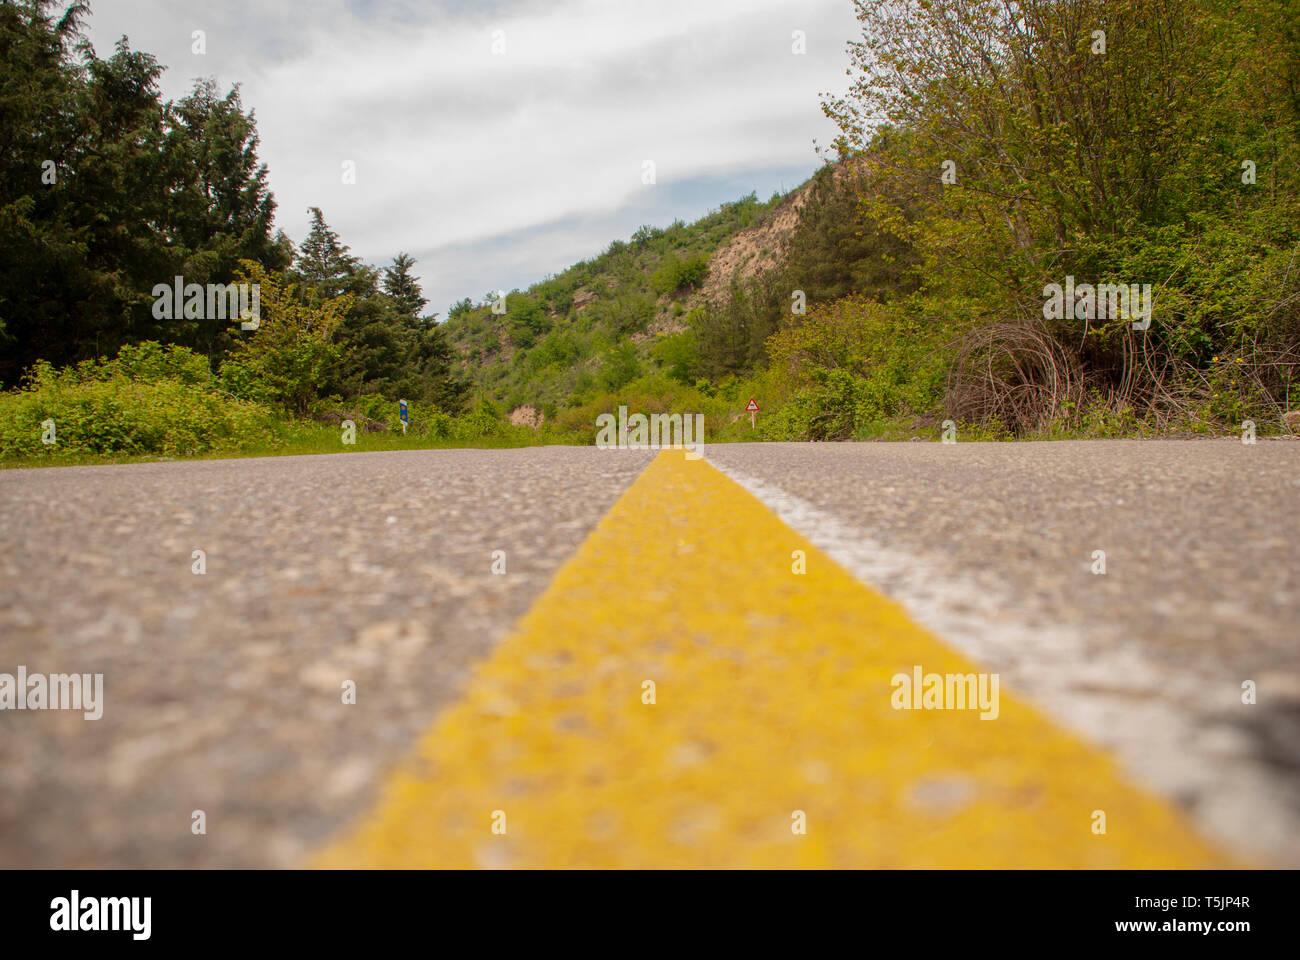 Línea Amarilla En El Medio Del Camino Fotografía De Stock Alamy